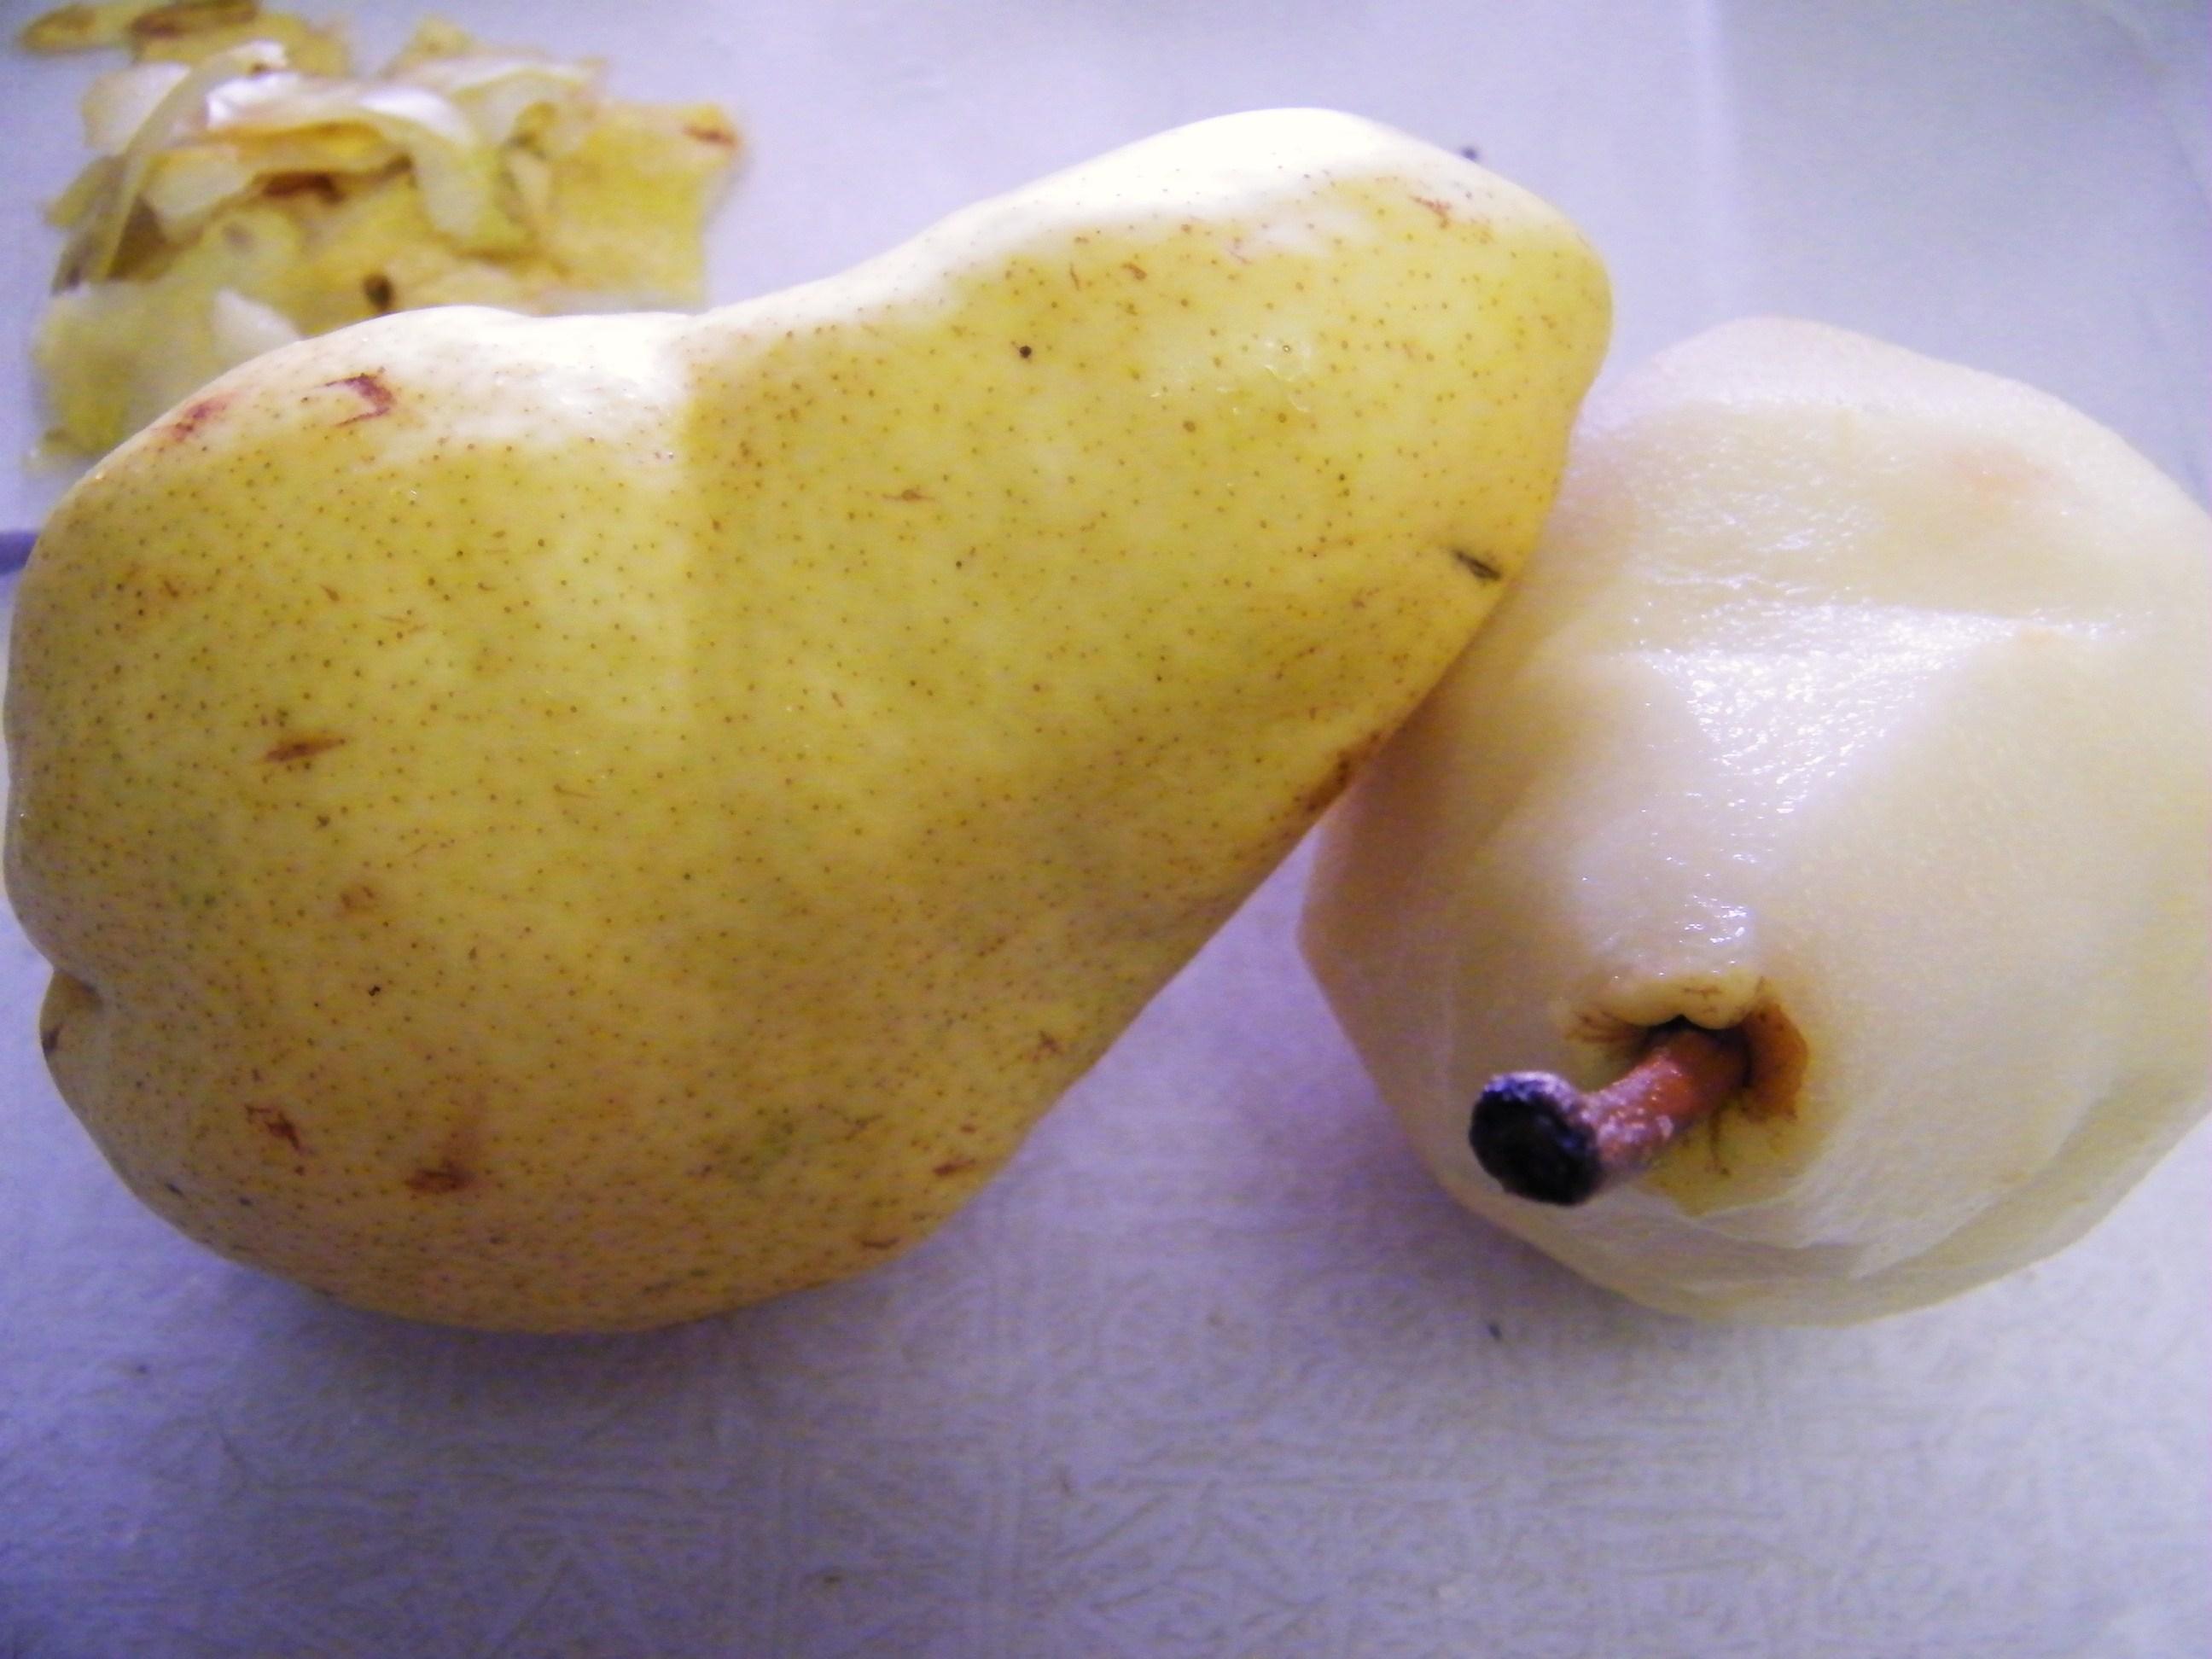 Pears, peeled and unpeeled.